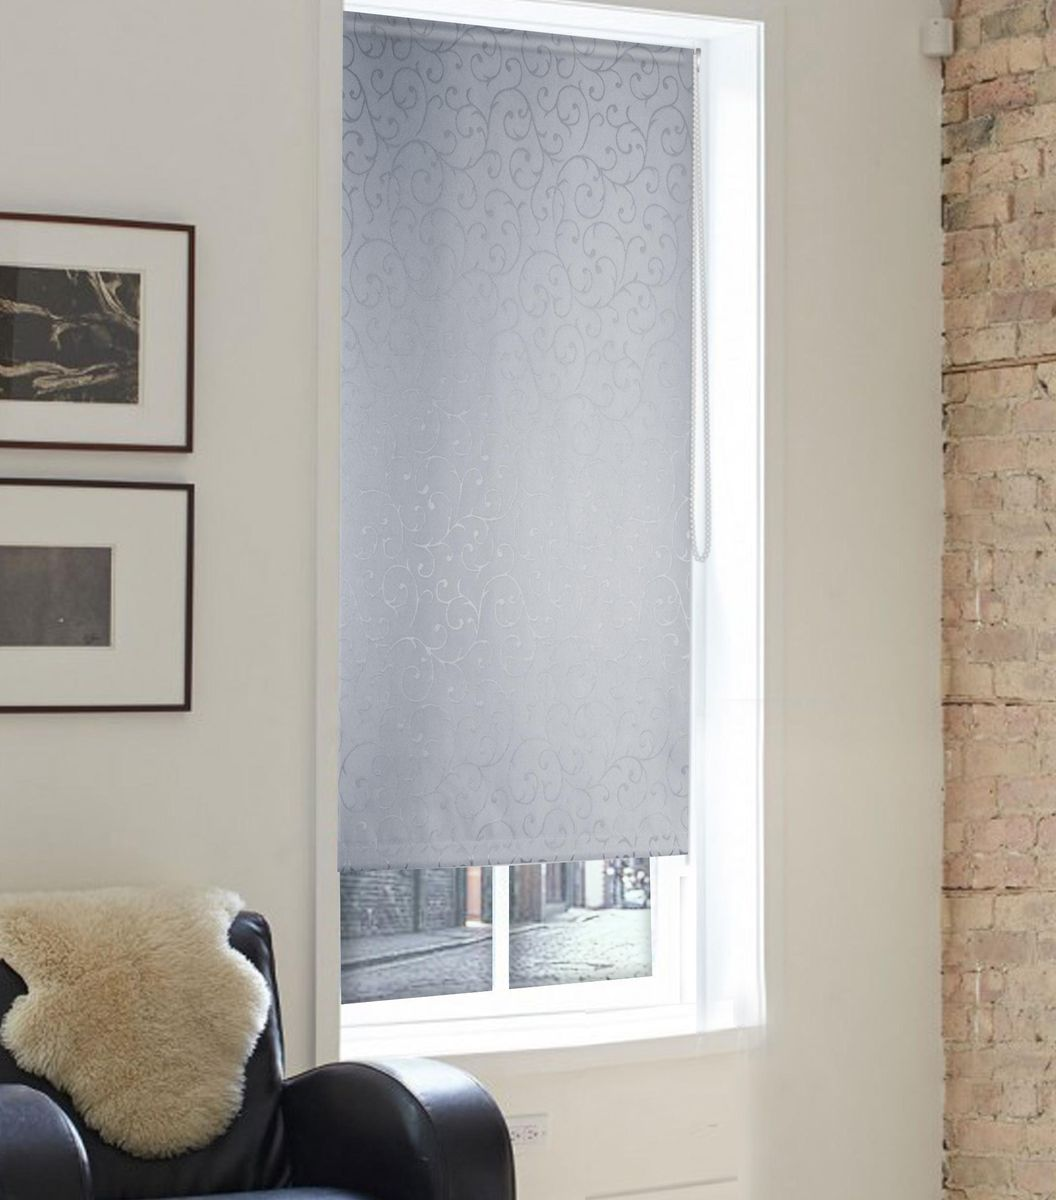 Штора рулонная Эскар Агат, цвет: серый, ширина 140 см, высота 160 см879233130170Рулонными шторами можно оформлять окна как самостоятельно, так и использовать в комбинации с портьерами. Это поможет предотвратить выгорание дорогой ткани на солнце и соединит функционал рулонных с красотой навесных.Преимущества применения рулонных штор для пластиковых окон:- имеют прекрасный внешний вид: многообразие и фактурность материала изделия отлично смотрятся в любом интерьере; - многофункциональны: есть возможность подобрать шторы способные эффективно защитить комнату от солнца, при этом она не будет слишком темной.- Есть возможность осуществить быстрый монтаж.ВНИМАНИЕ! Размеры ширины изделия указаны по ширине ткани!Во время эксплуатации не рекомендуется полностью разматывать рулон, чтобы не оторвать ткань от намоточного вала.В случае загрязнения поверхности ткани, чистку шторы проводят одним из способов, в зависимости от типа загрязнения: легкое поверхностное загрязнение можно удалить при помощи канцелярского ластика; чистка от пыли производится сухим методом при помощи пылесоса с мягкой щеткой-насадкой; для удаления пятна используйте мягкую губку с пенообразующим неагрессивным моющим средством или пятновыводитель на натуральной основе (нельзя применять растворители).